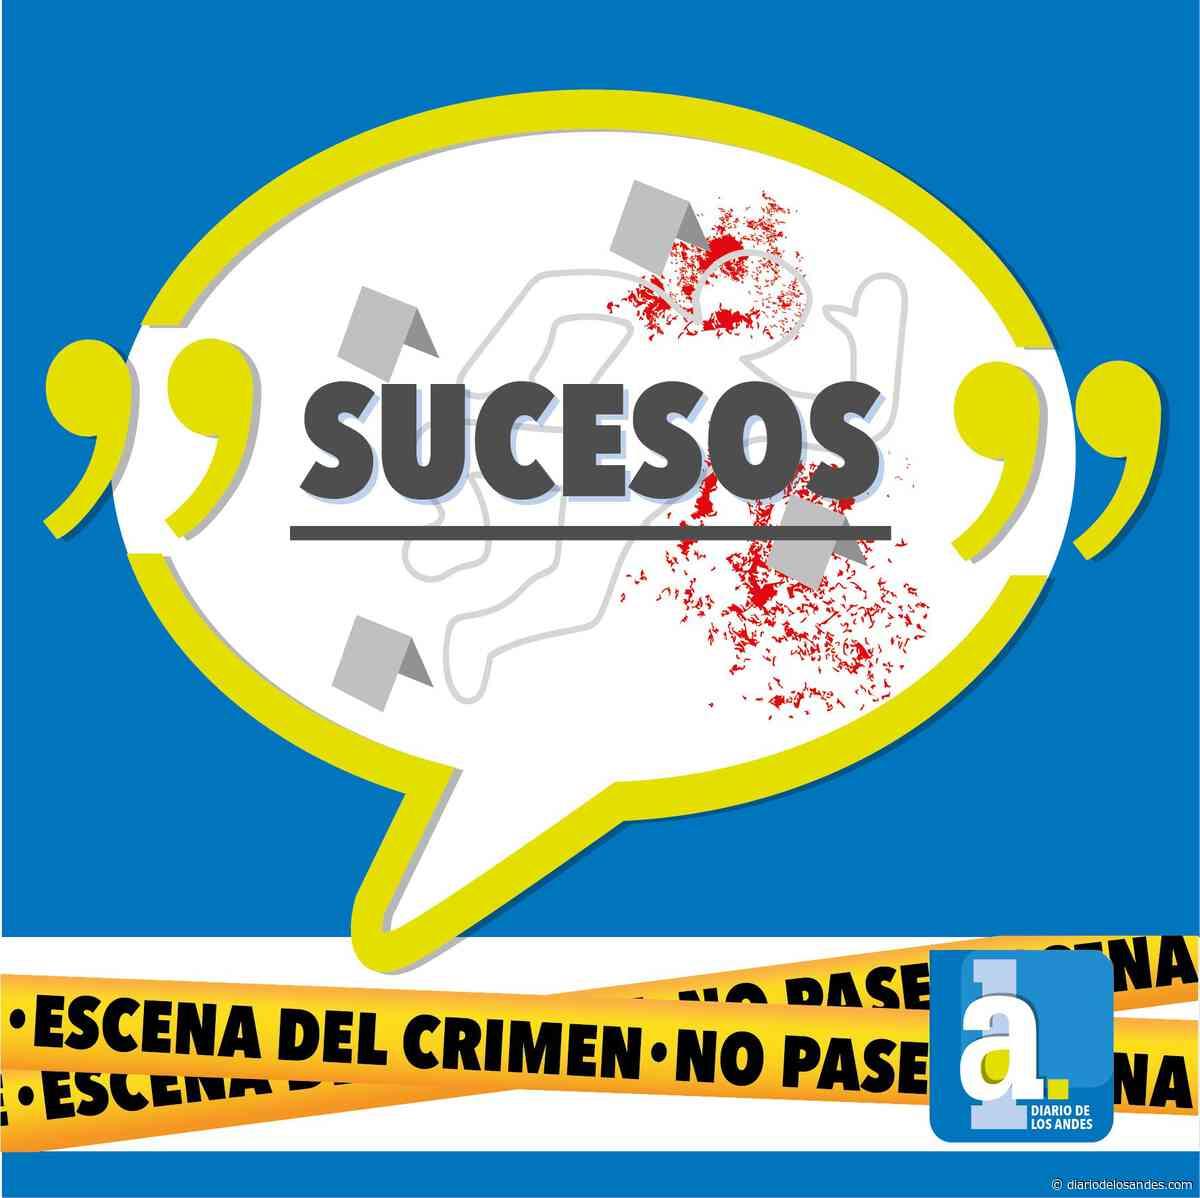 Joven de 18 años se quitó la vida en Boconó - Diario de Los Andes